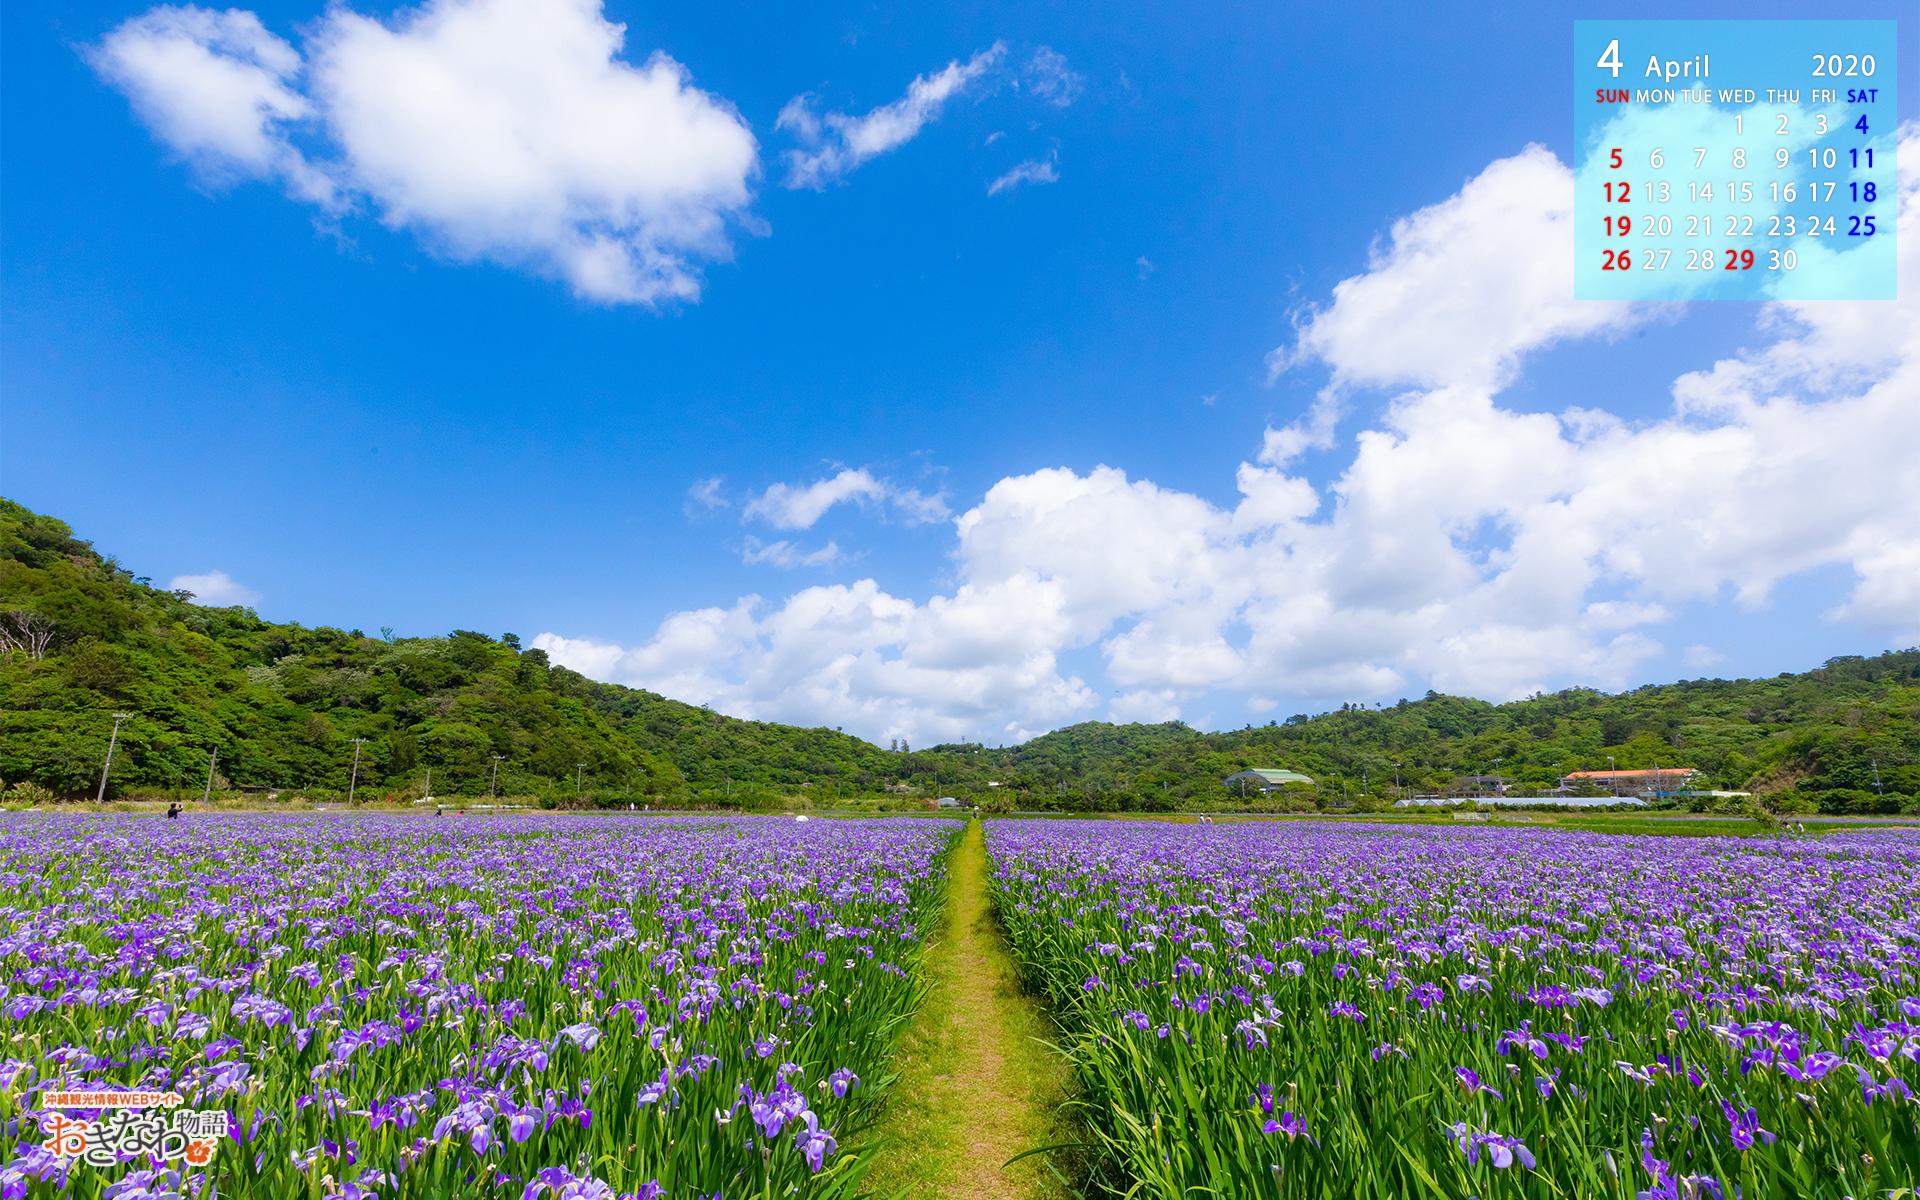 4月の壁紙カレンダー お知らせ トピックス 沖縄観光情報webサイト おきなわ物語